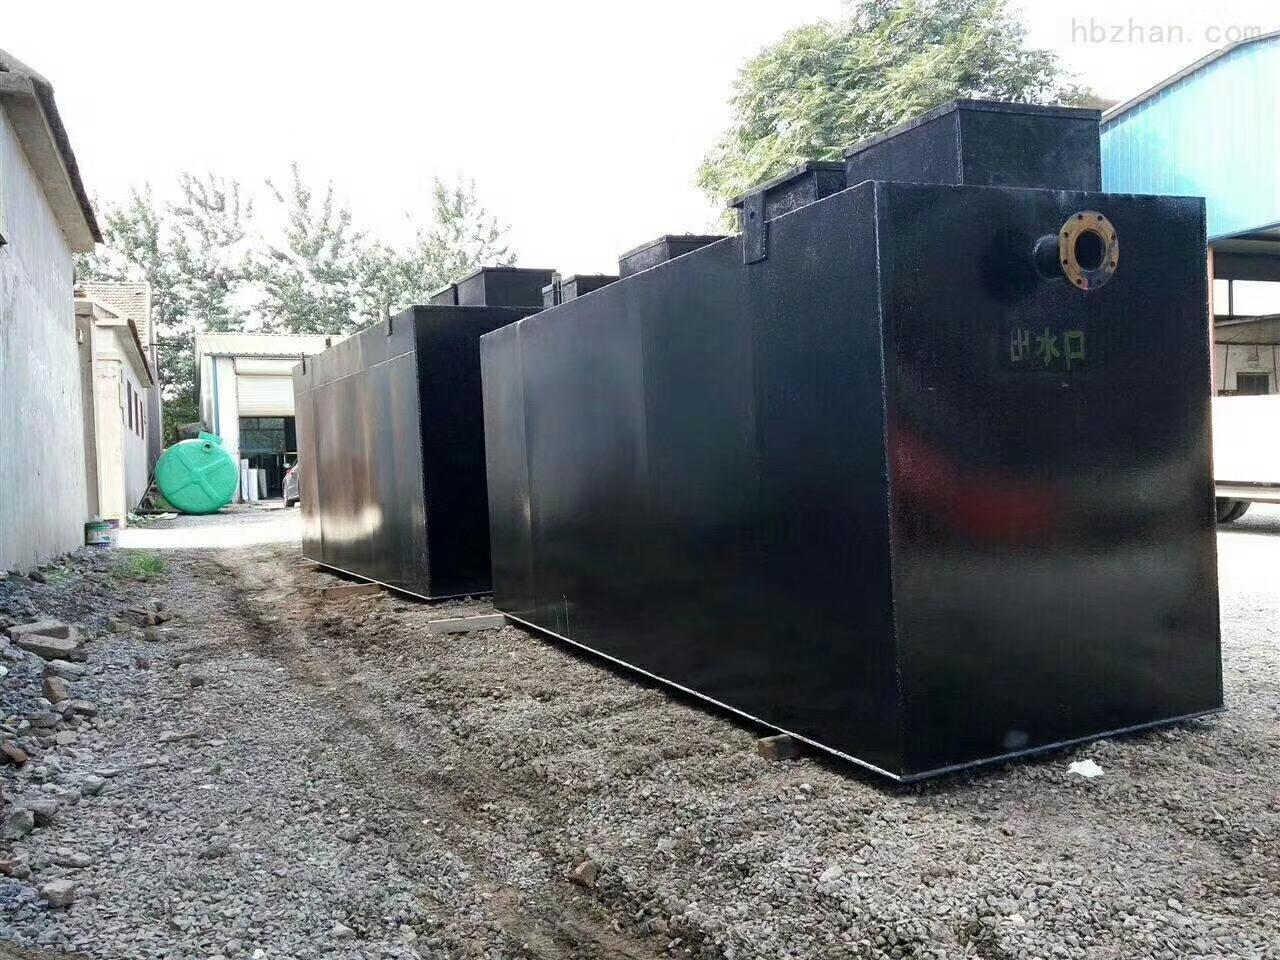 黑龙江牡丹江公厕污水处理效果好吗